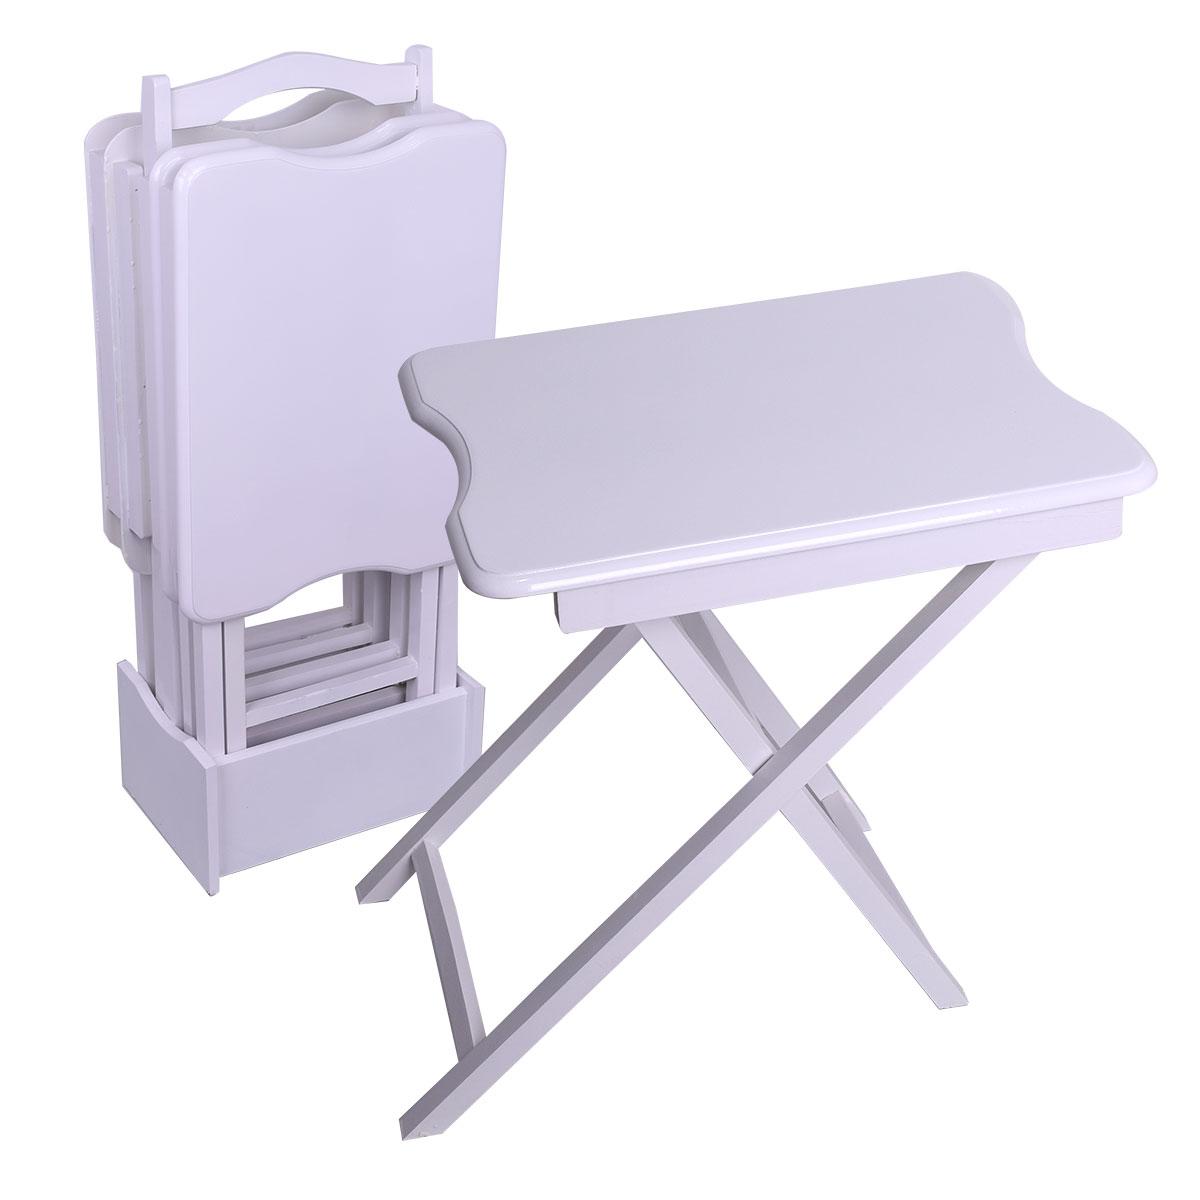 طاولة تقديم وخدمة خشب تركي 4 قطع لون ابيض شنطة